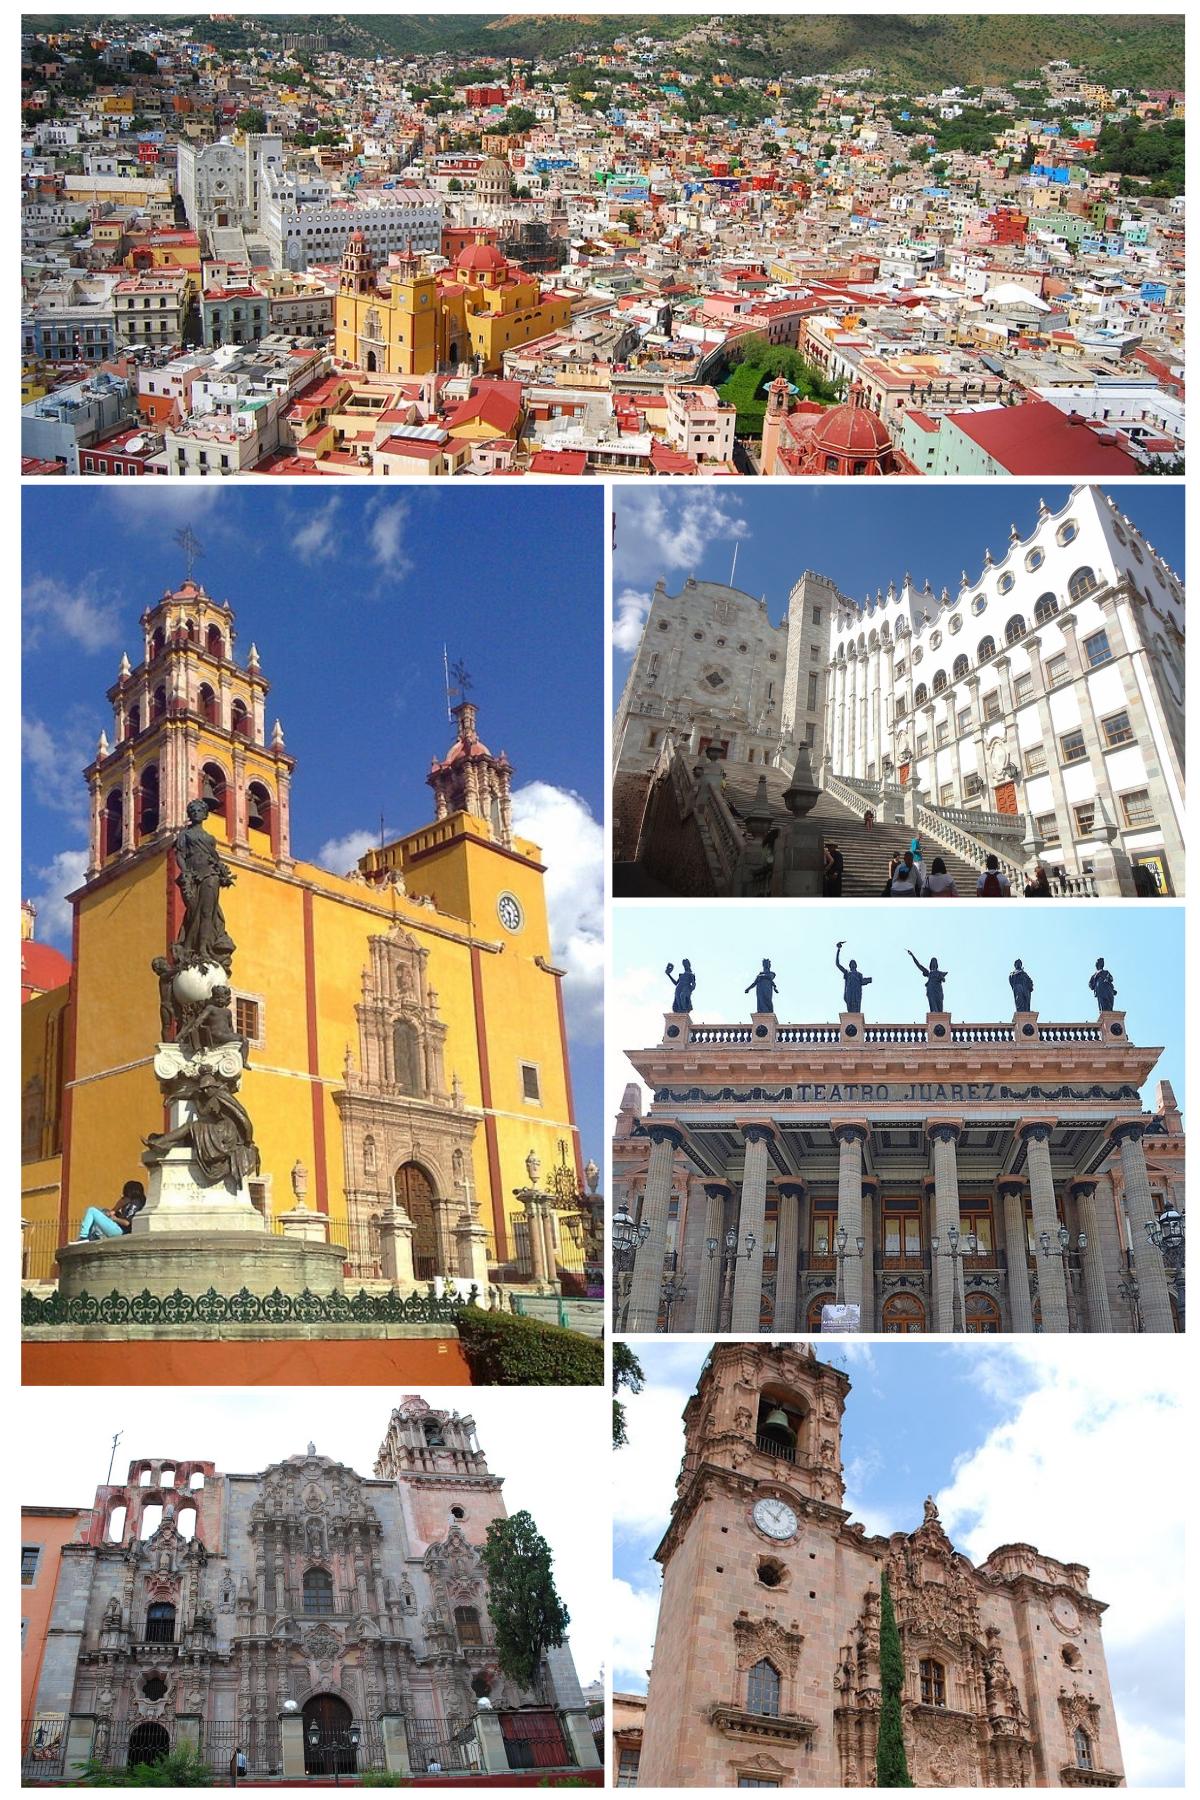 Guanajuato guanajuato wikipedia la enciclopedia libre for Cuales son las caracteristicas de un mural